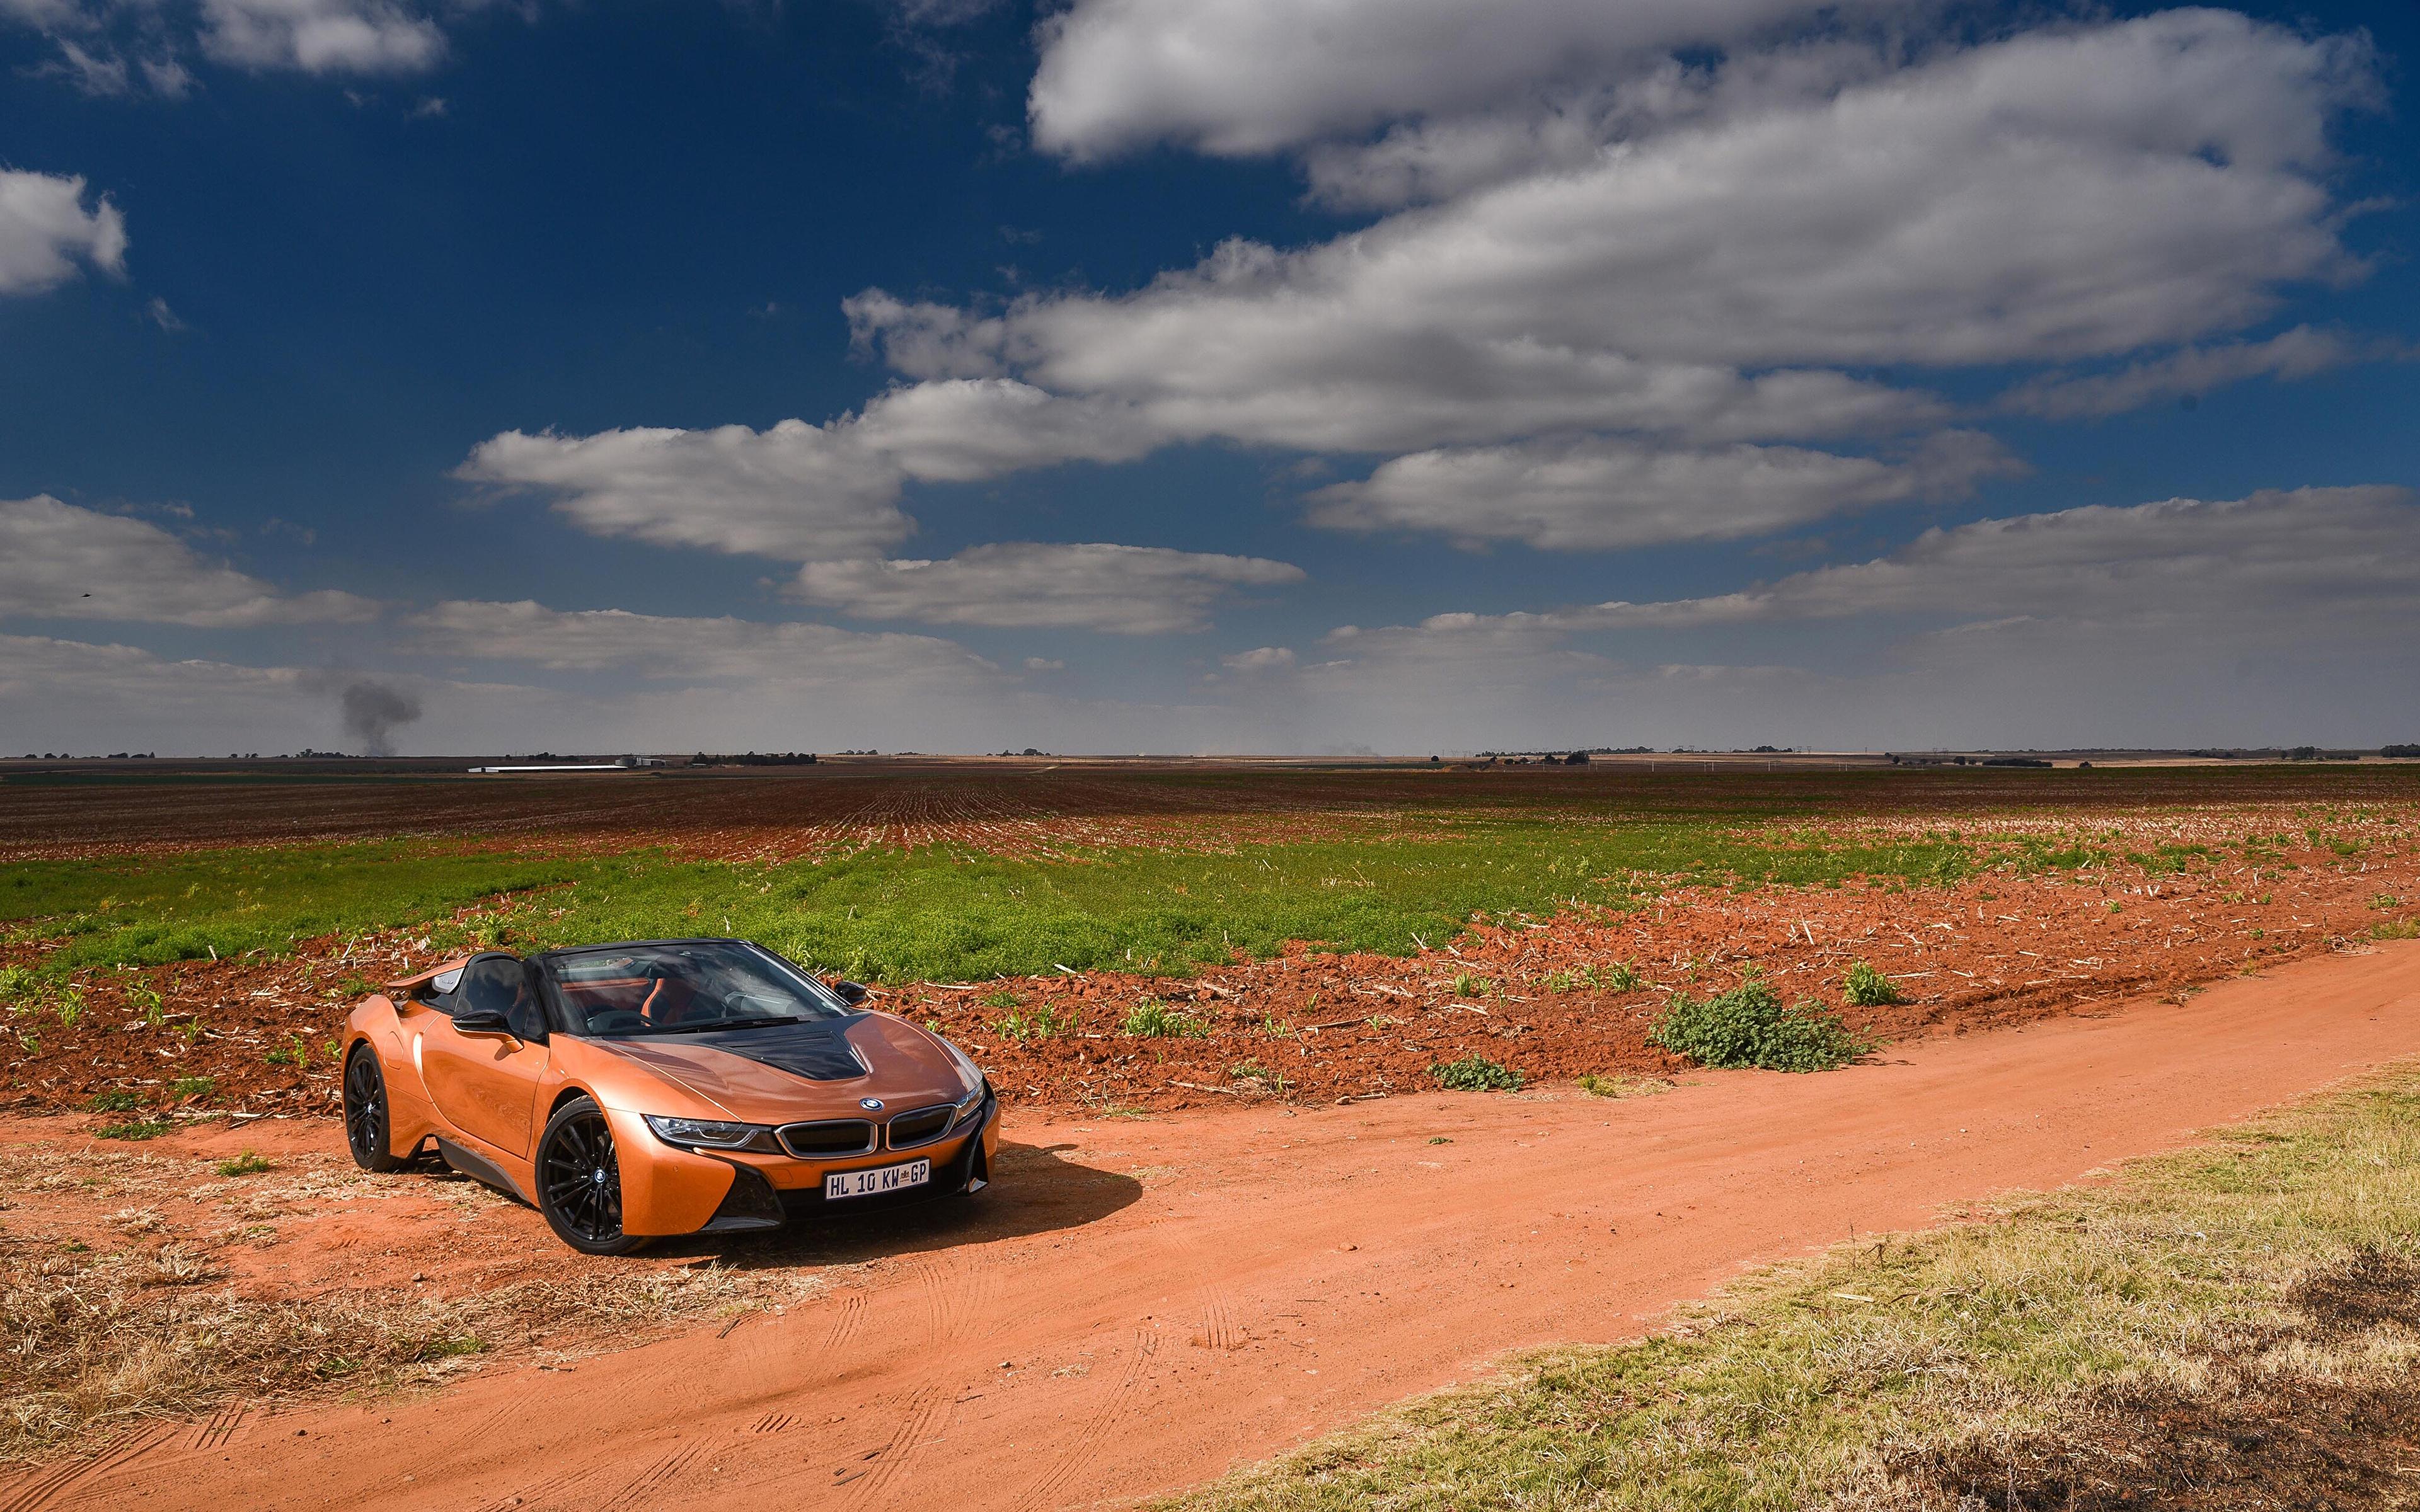 Обои для рабочего стола BMW 2018 i8 Родстер кабриолета Оранжевый автомобиль 3840x2400 БМВ Кабриолет оранжевых оранжевые оранжевая авто машина машины Автомобили